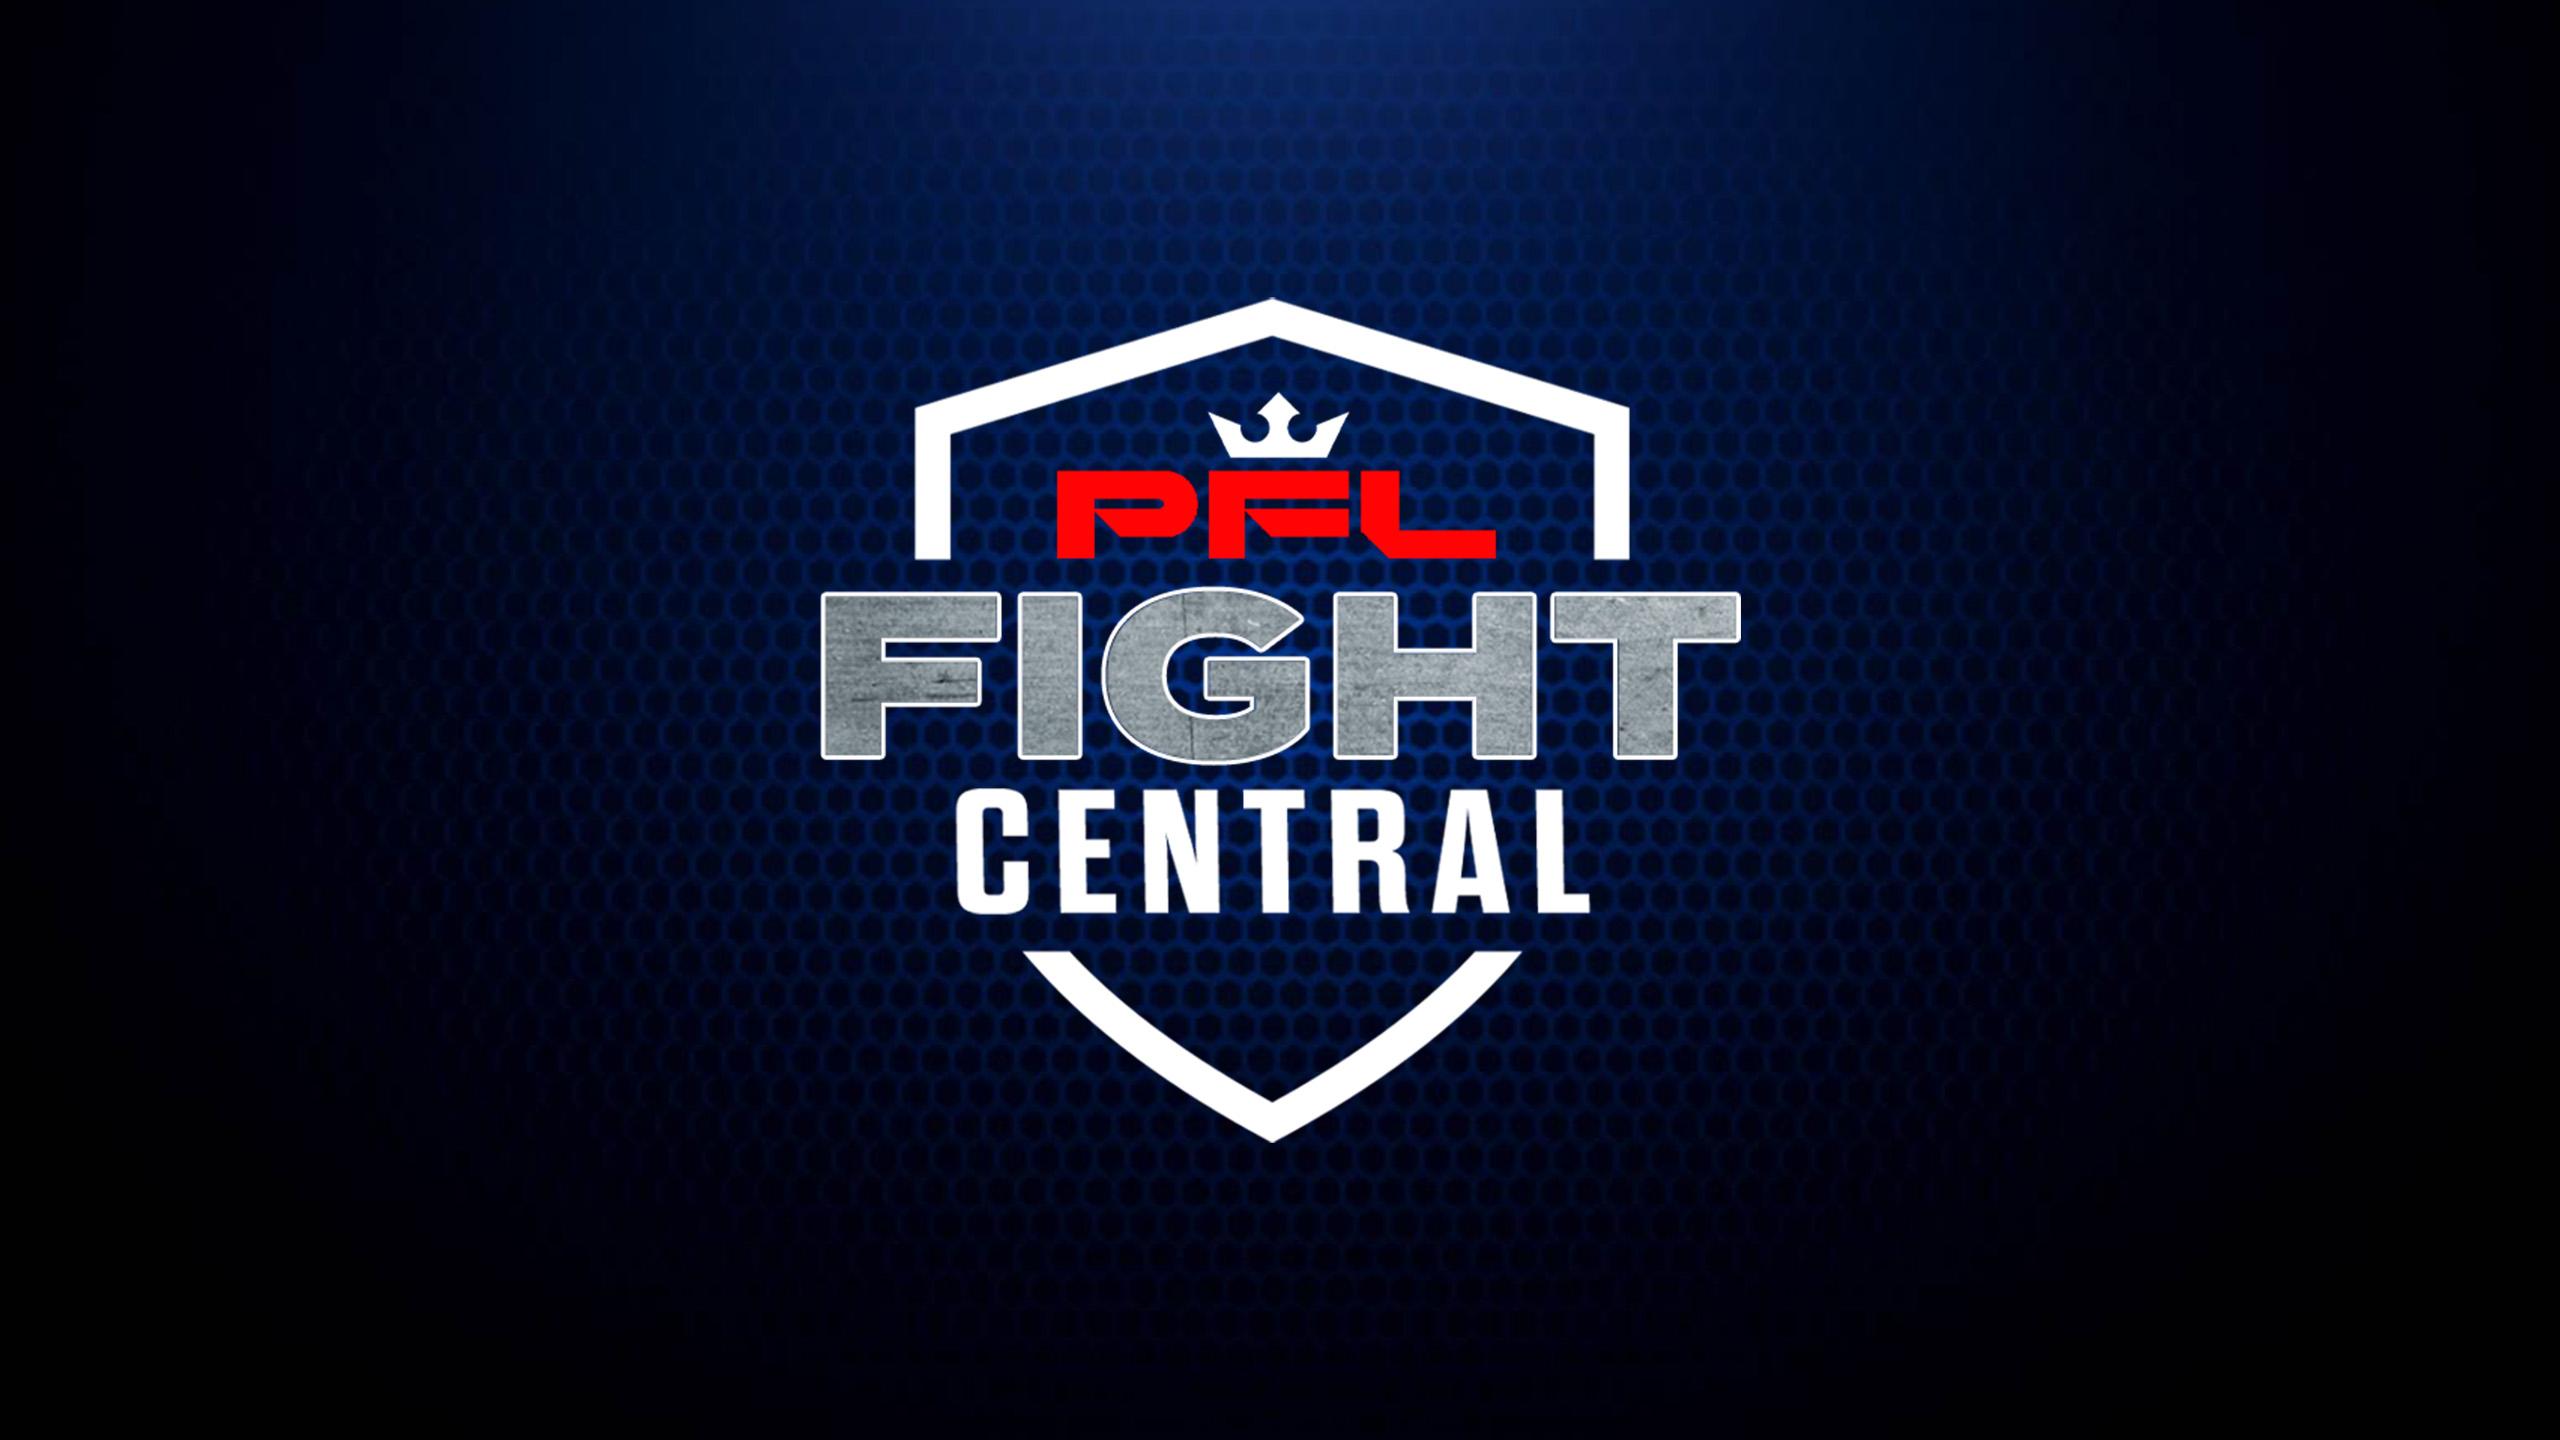 PFL Playoffs 2018: Philipe Lins def. Jared Rosholt